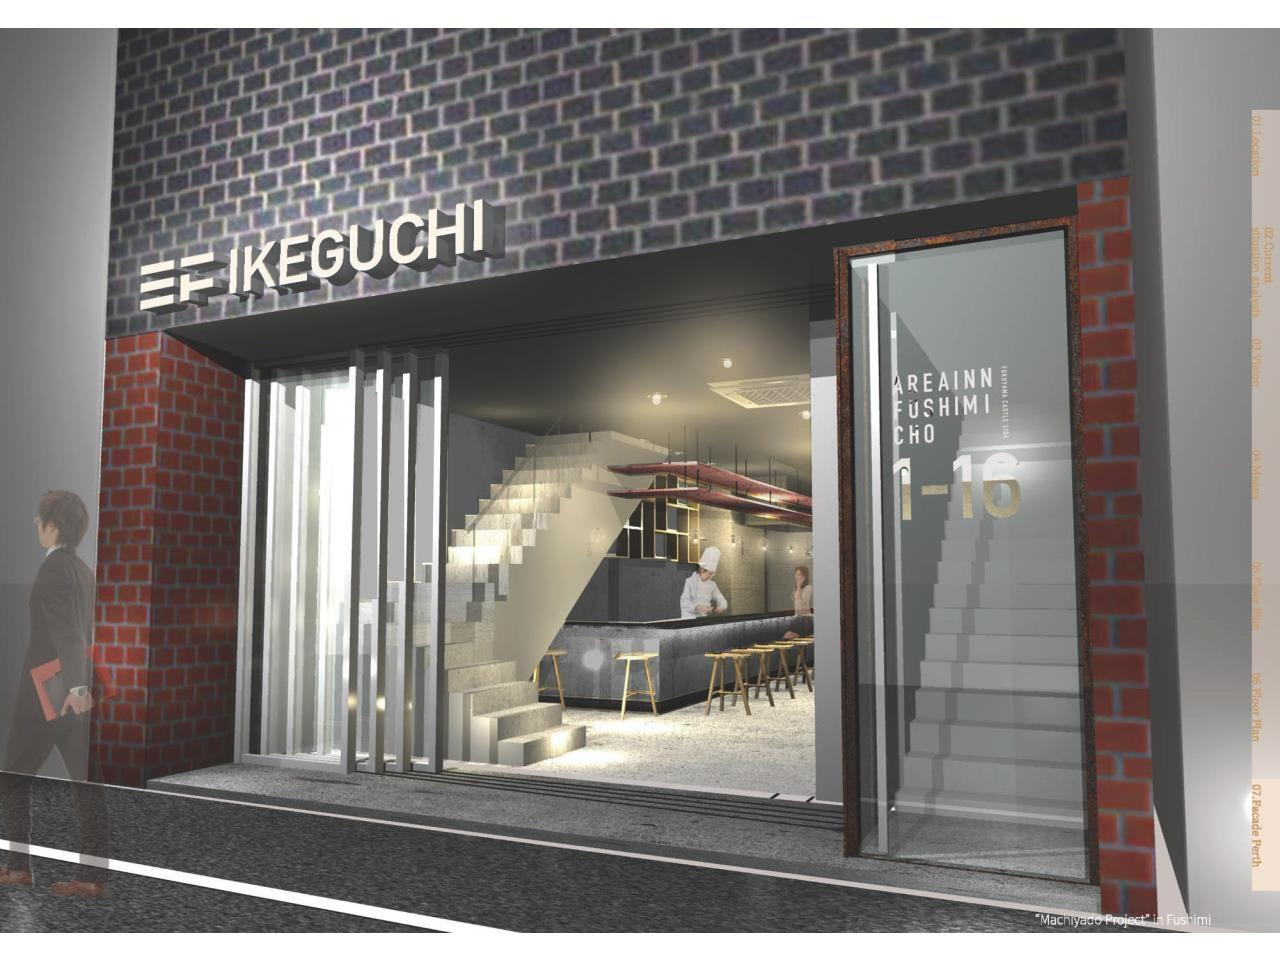 12月7日新規オープン!精肉店が運営する飲食店でのホール業務